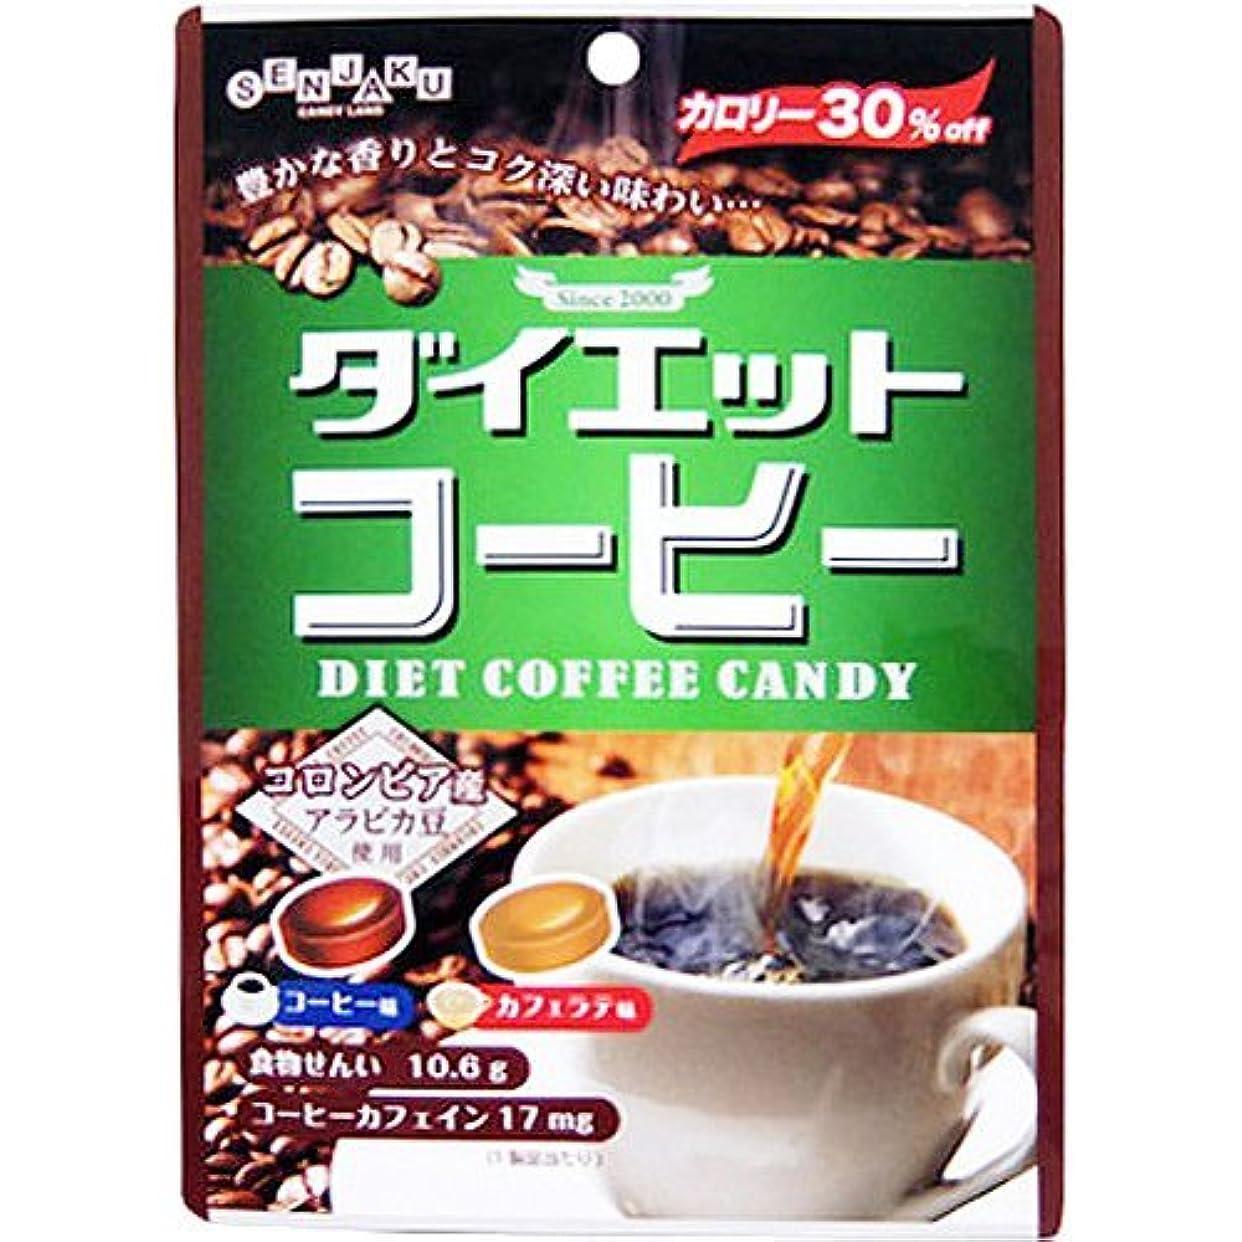 ラメマネージャーこれまで扇雀飴本舗 ダイエットコーヒー 80g